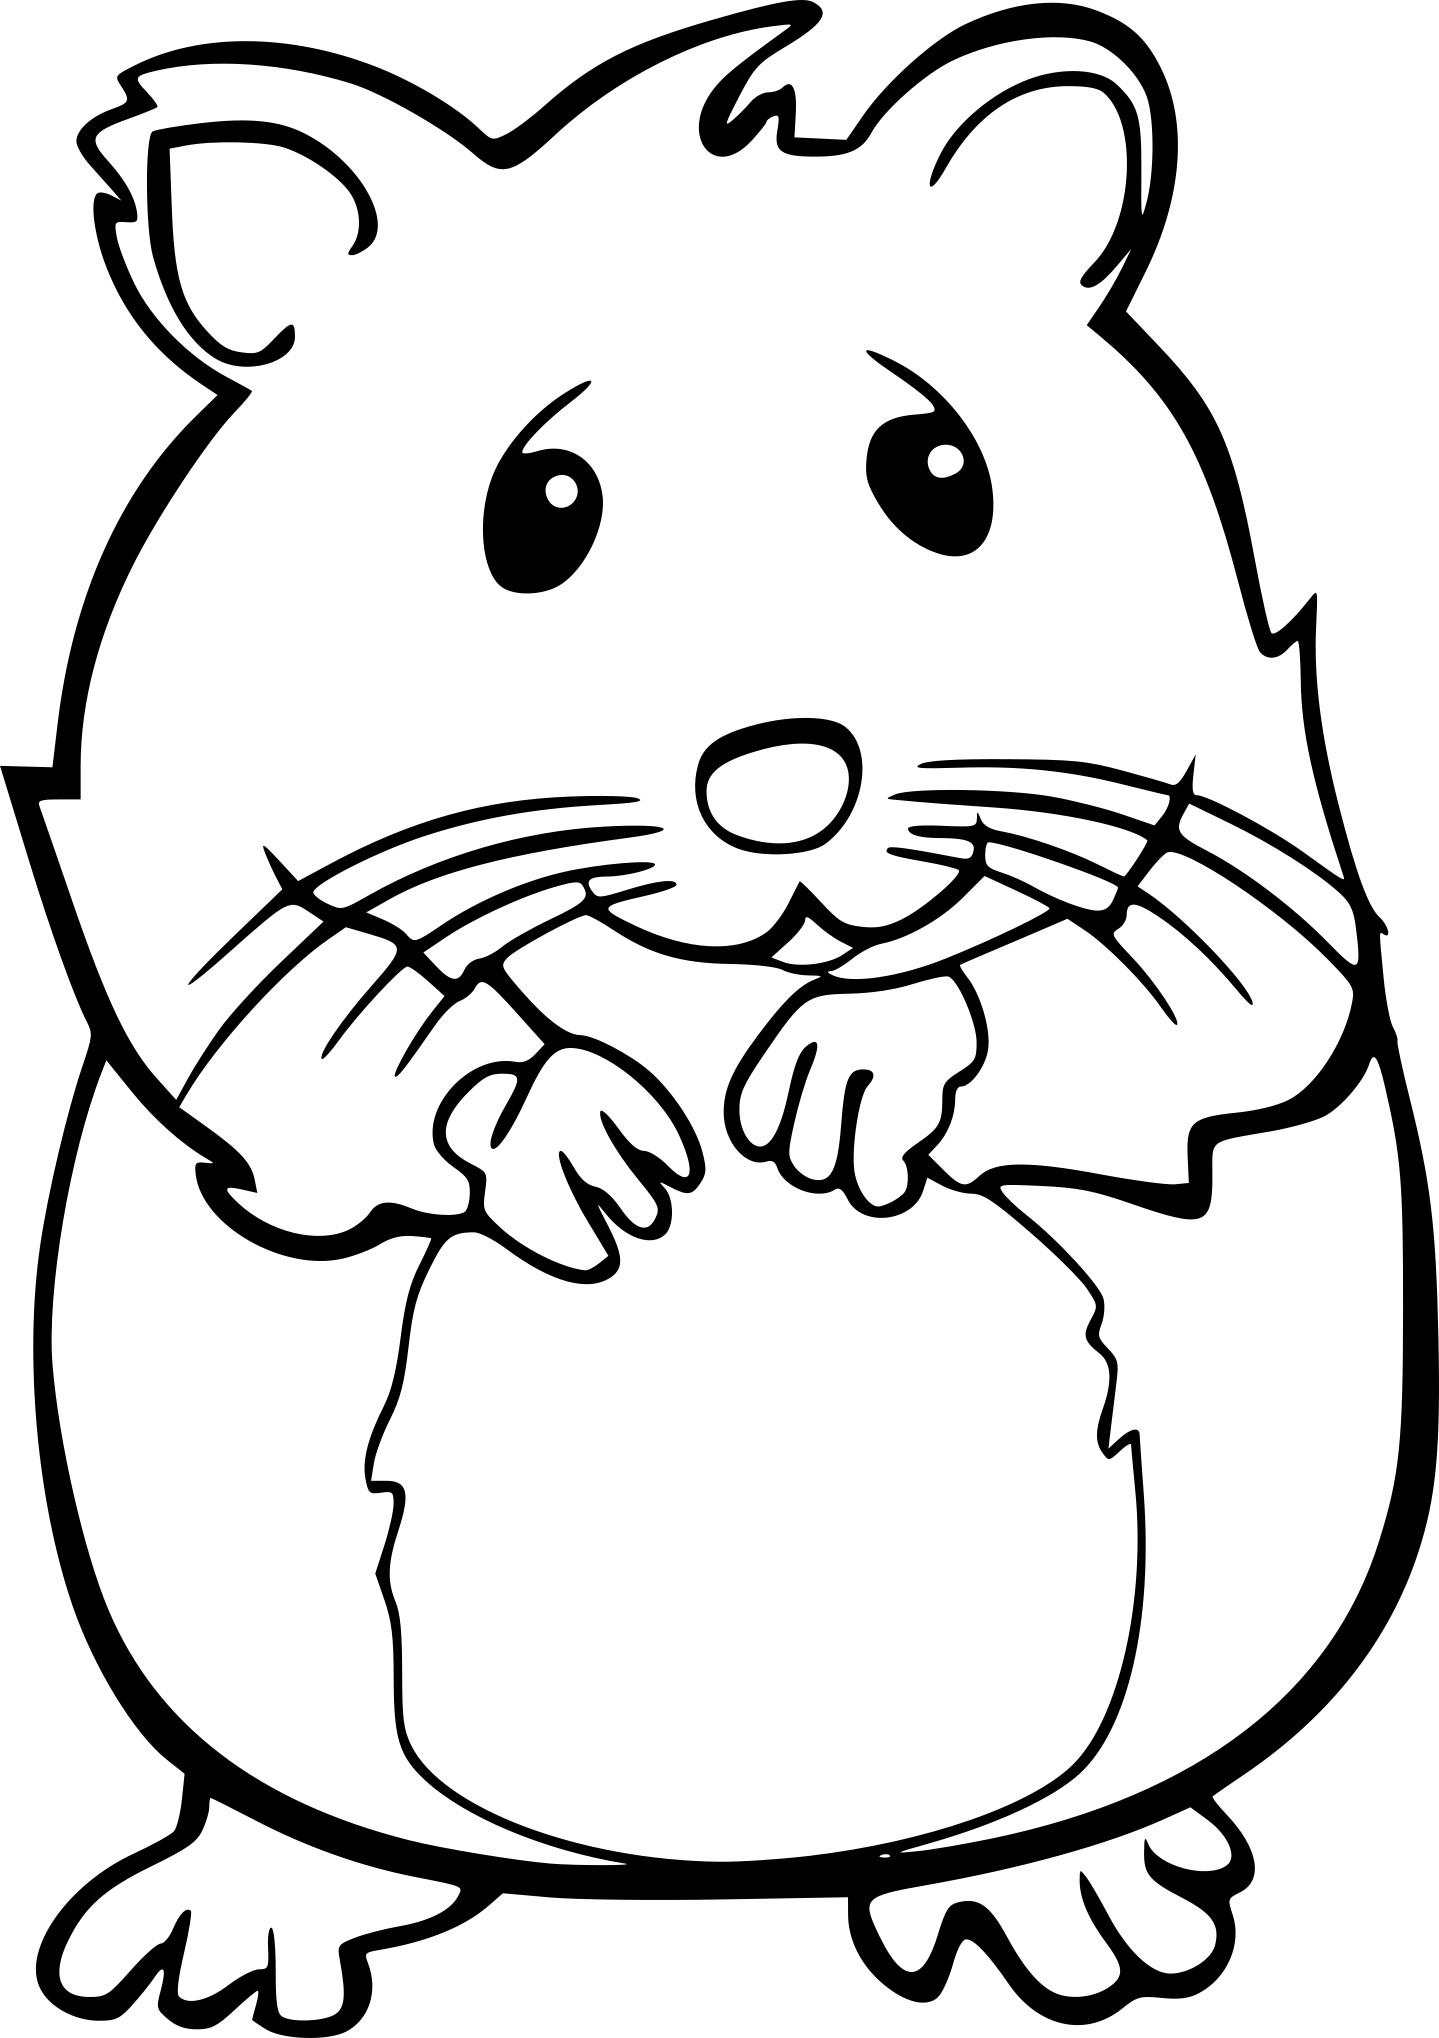 Coloriage Hamster Kawaii.Coloriage Chat Et Souris A Imprimer